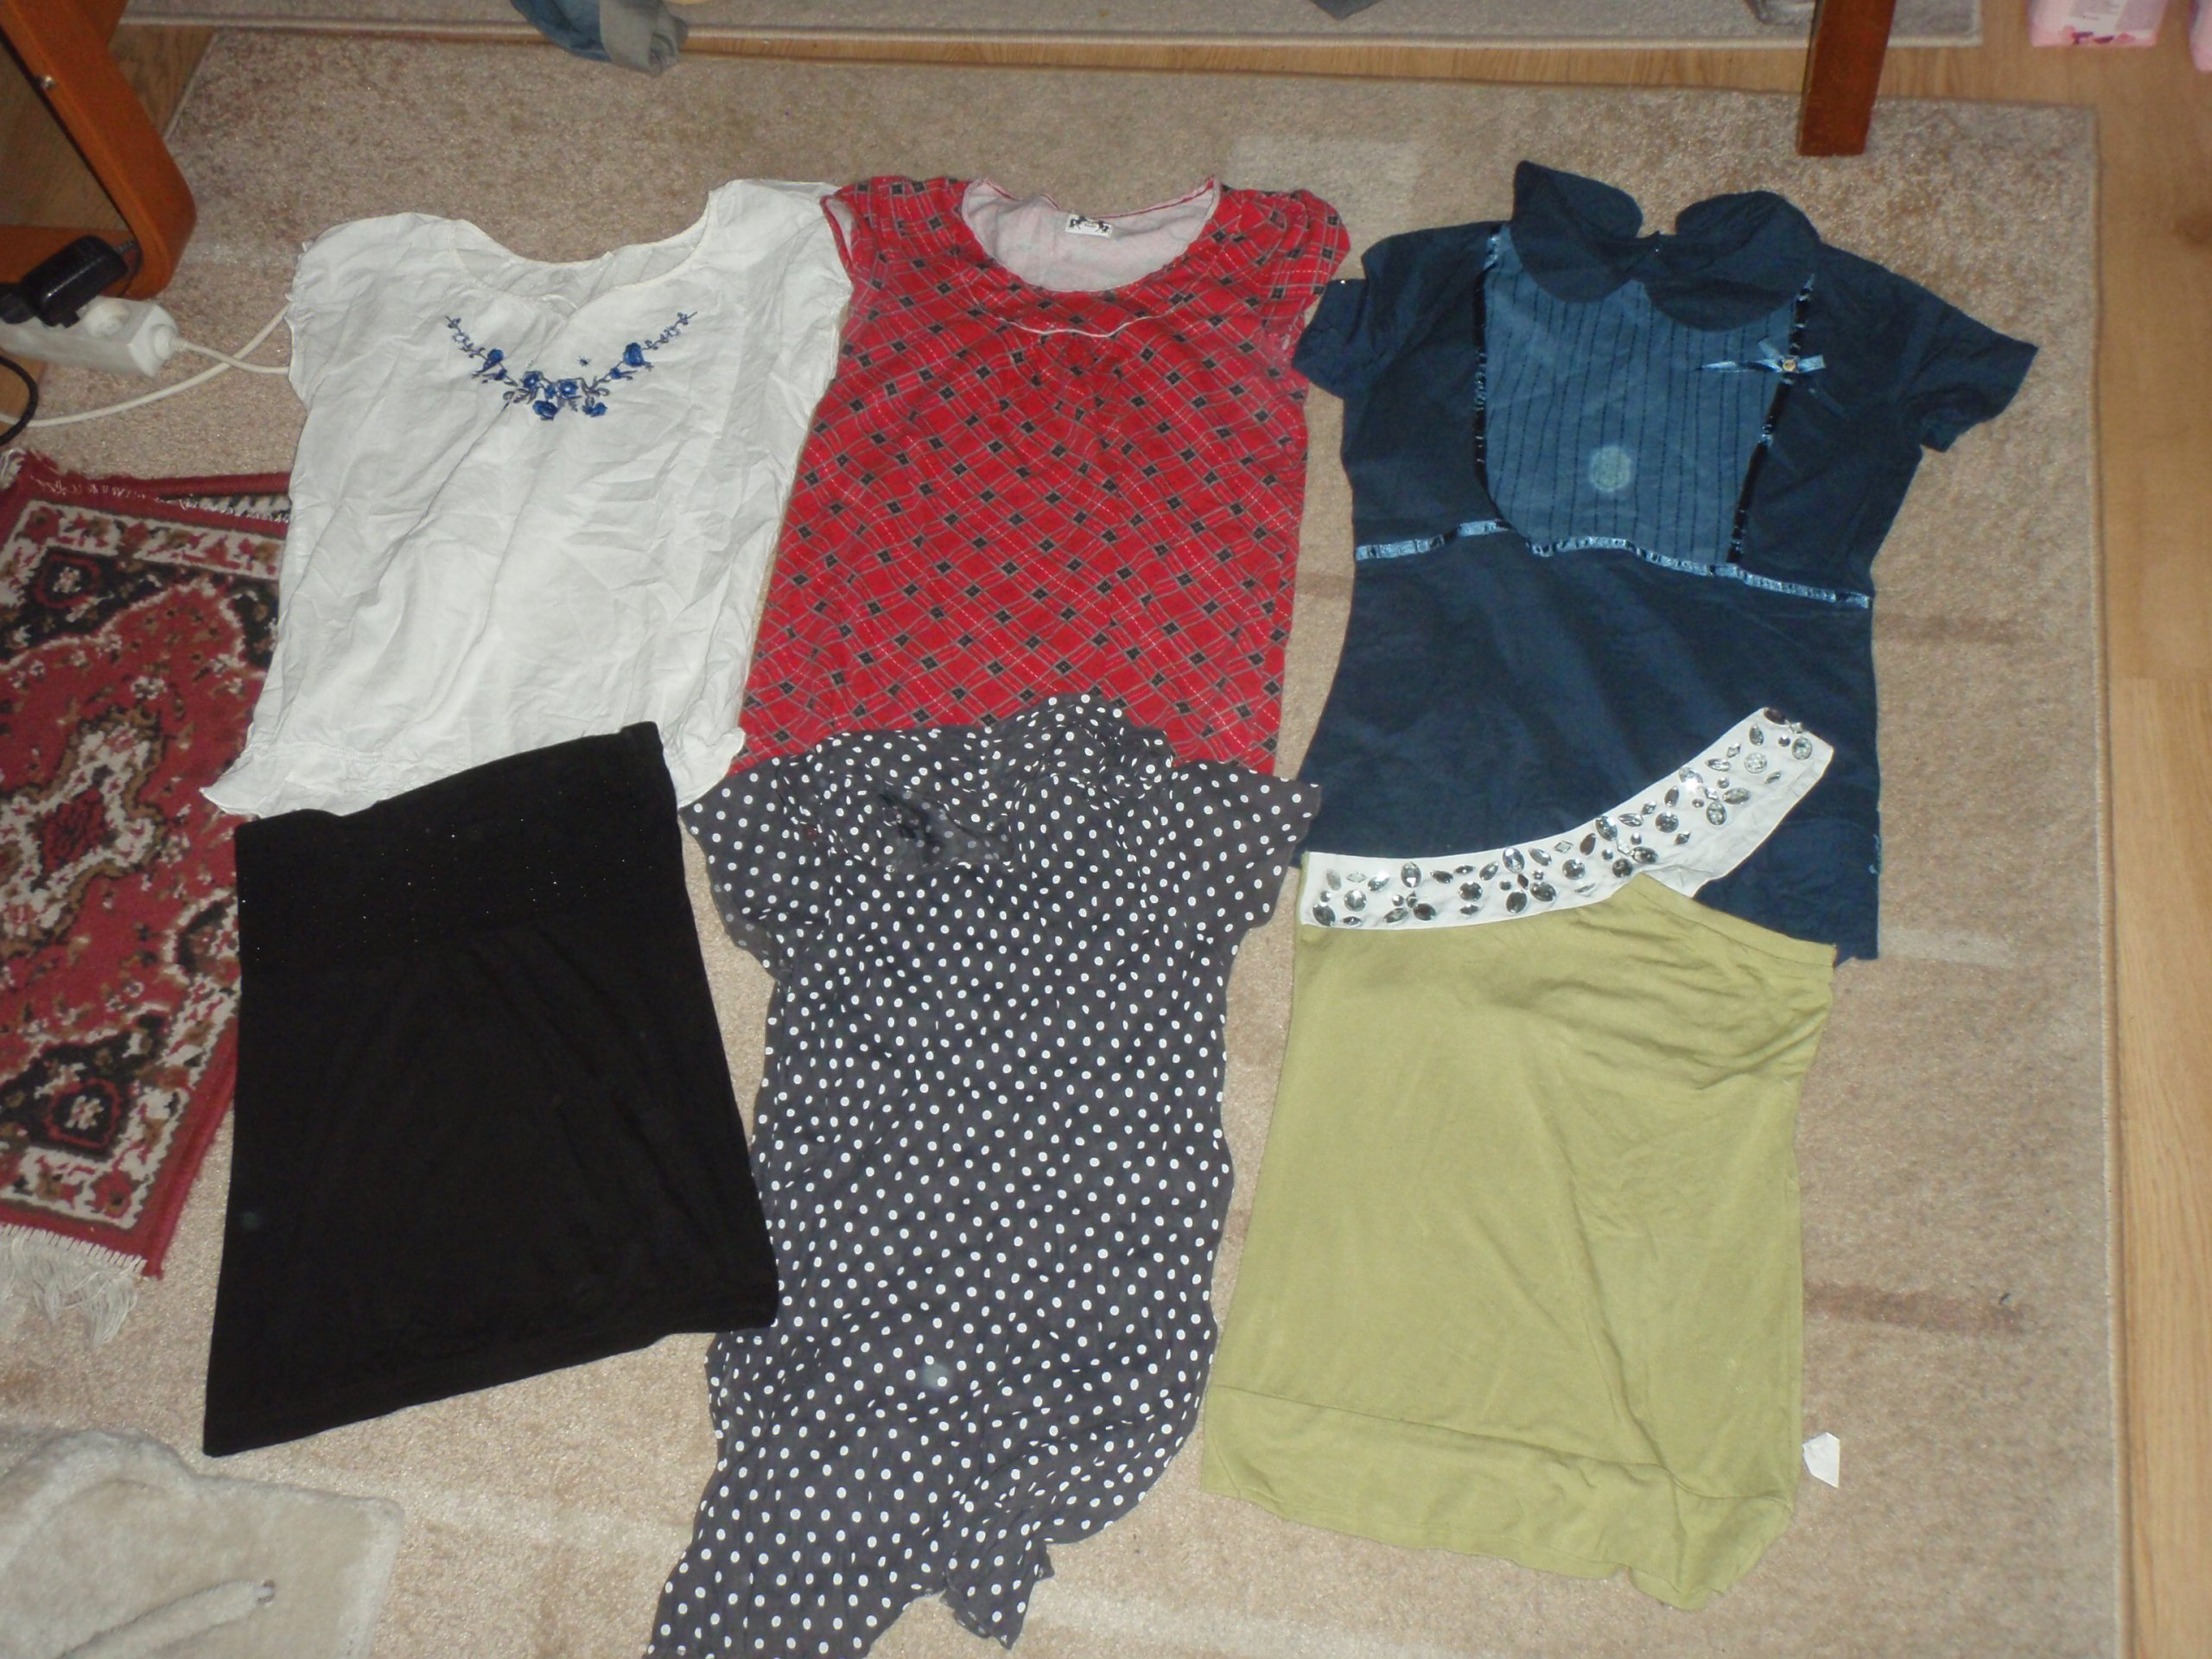 b01b5b3cfc Ubrania damskie S M 33 szt spodnie bluzki 4 kurtki - 7213555299 ...